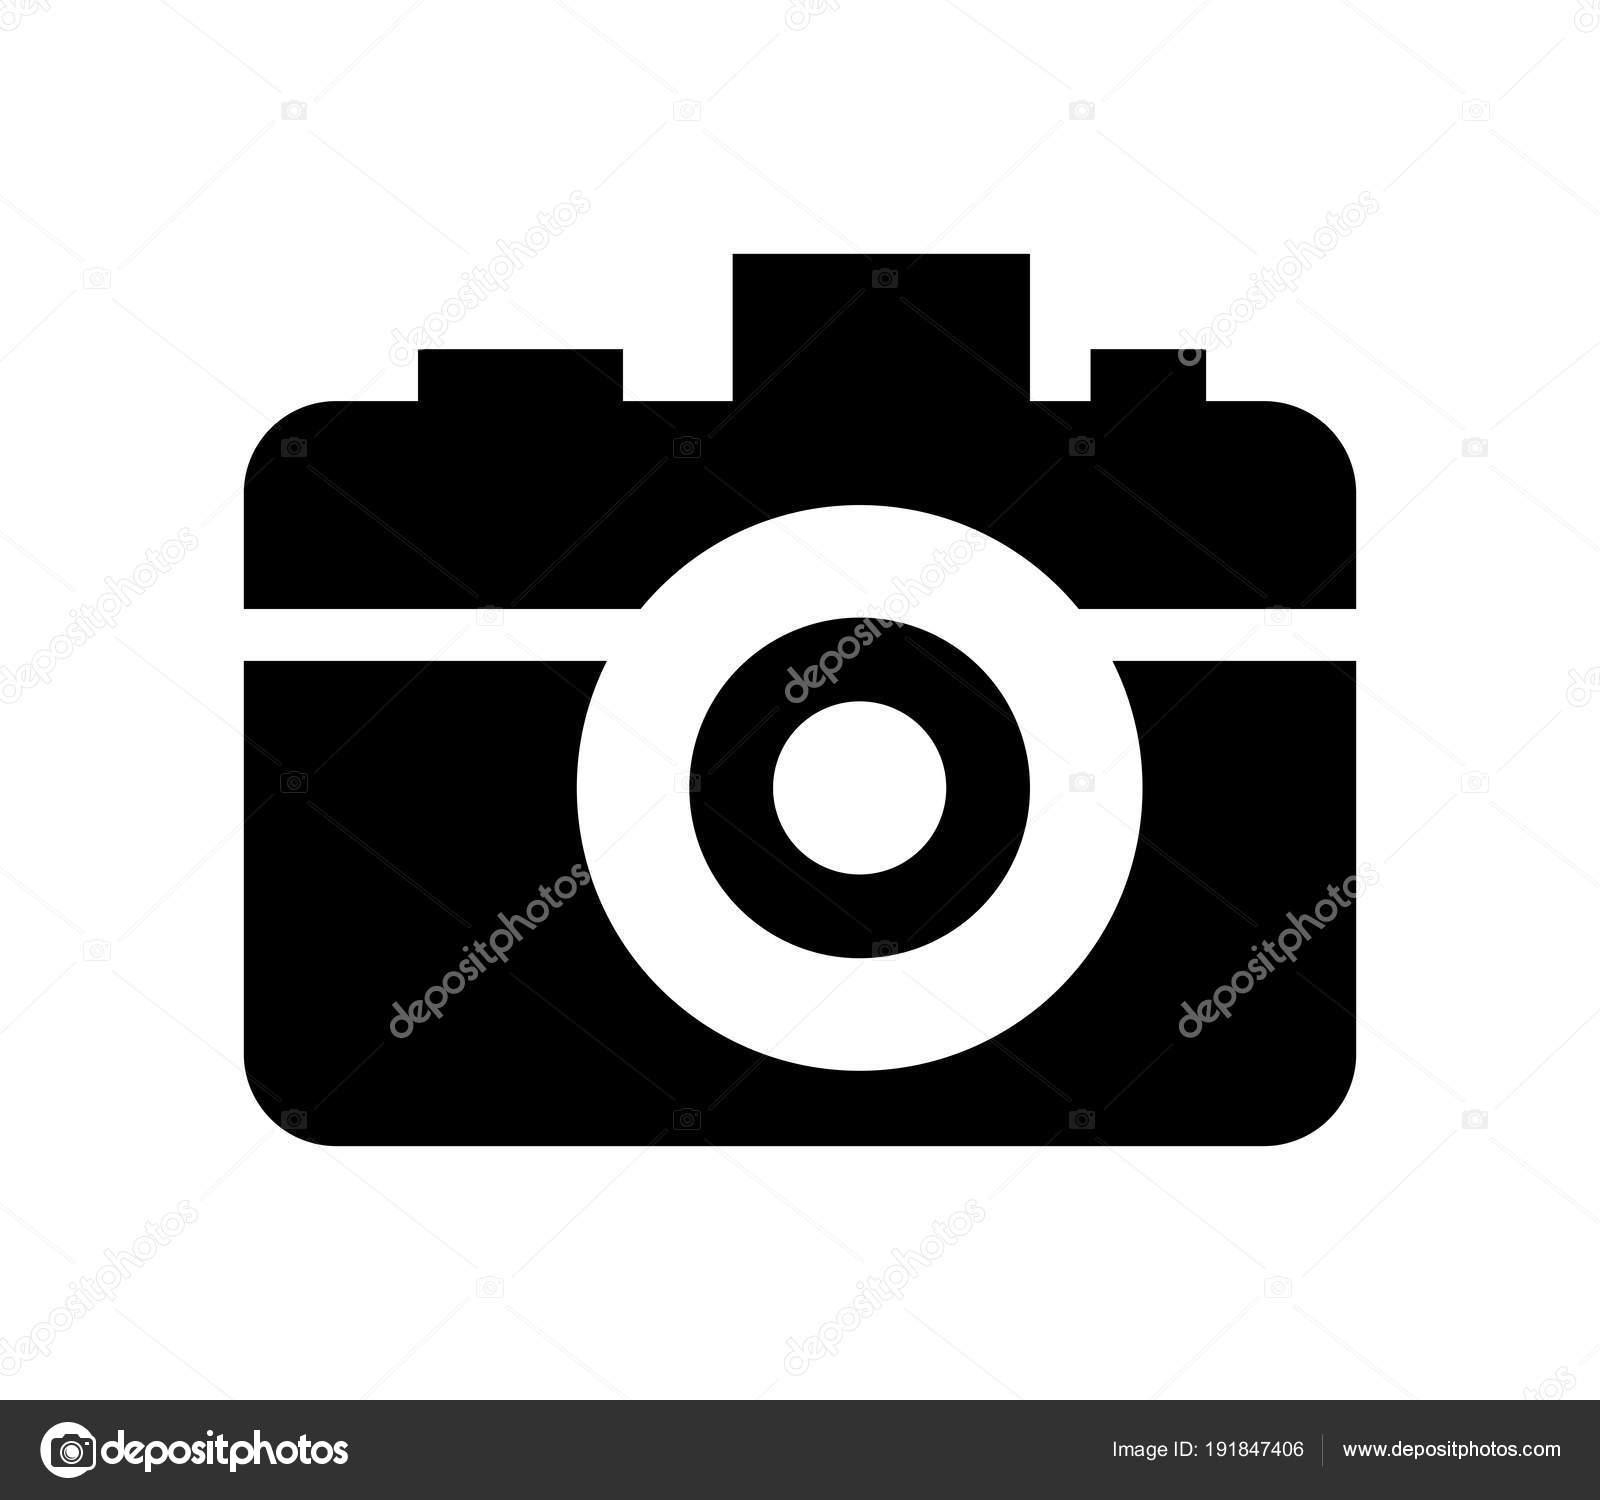 содержит значок фотоаппарата на карте гармин фотографе андрей андреев